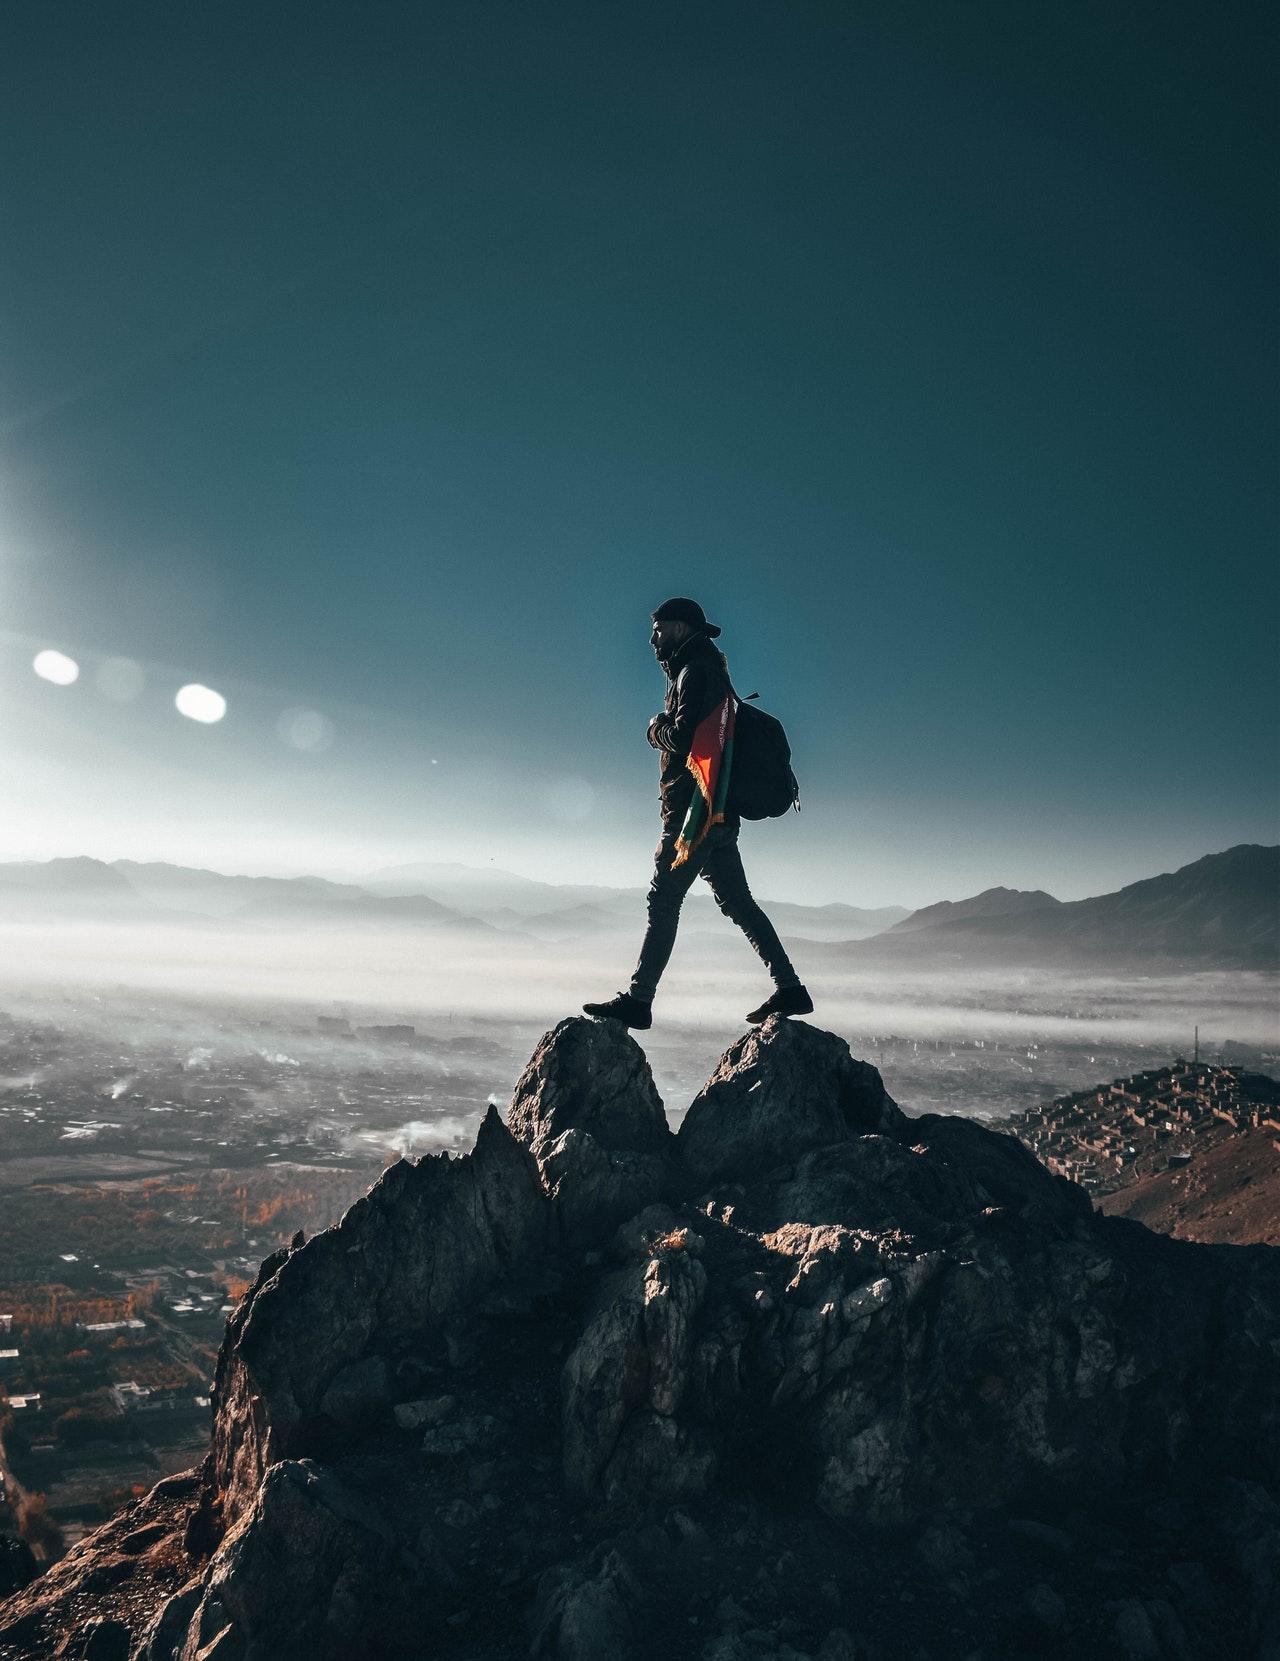 登山の膝痛克服体験から得た悟りへの教訓